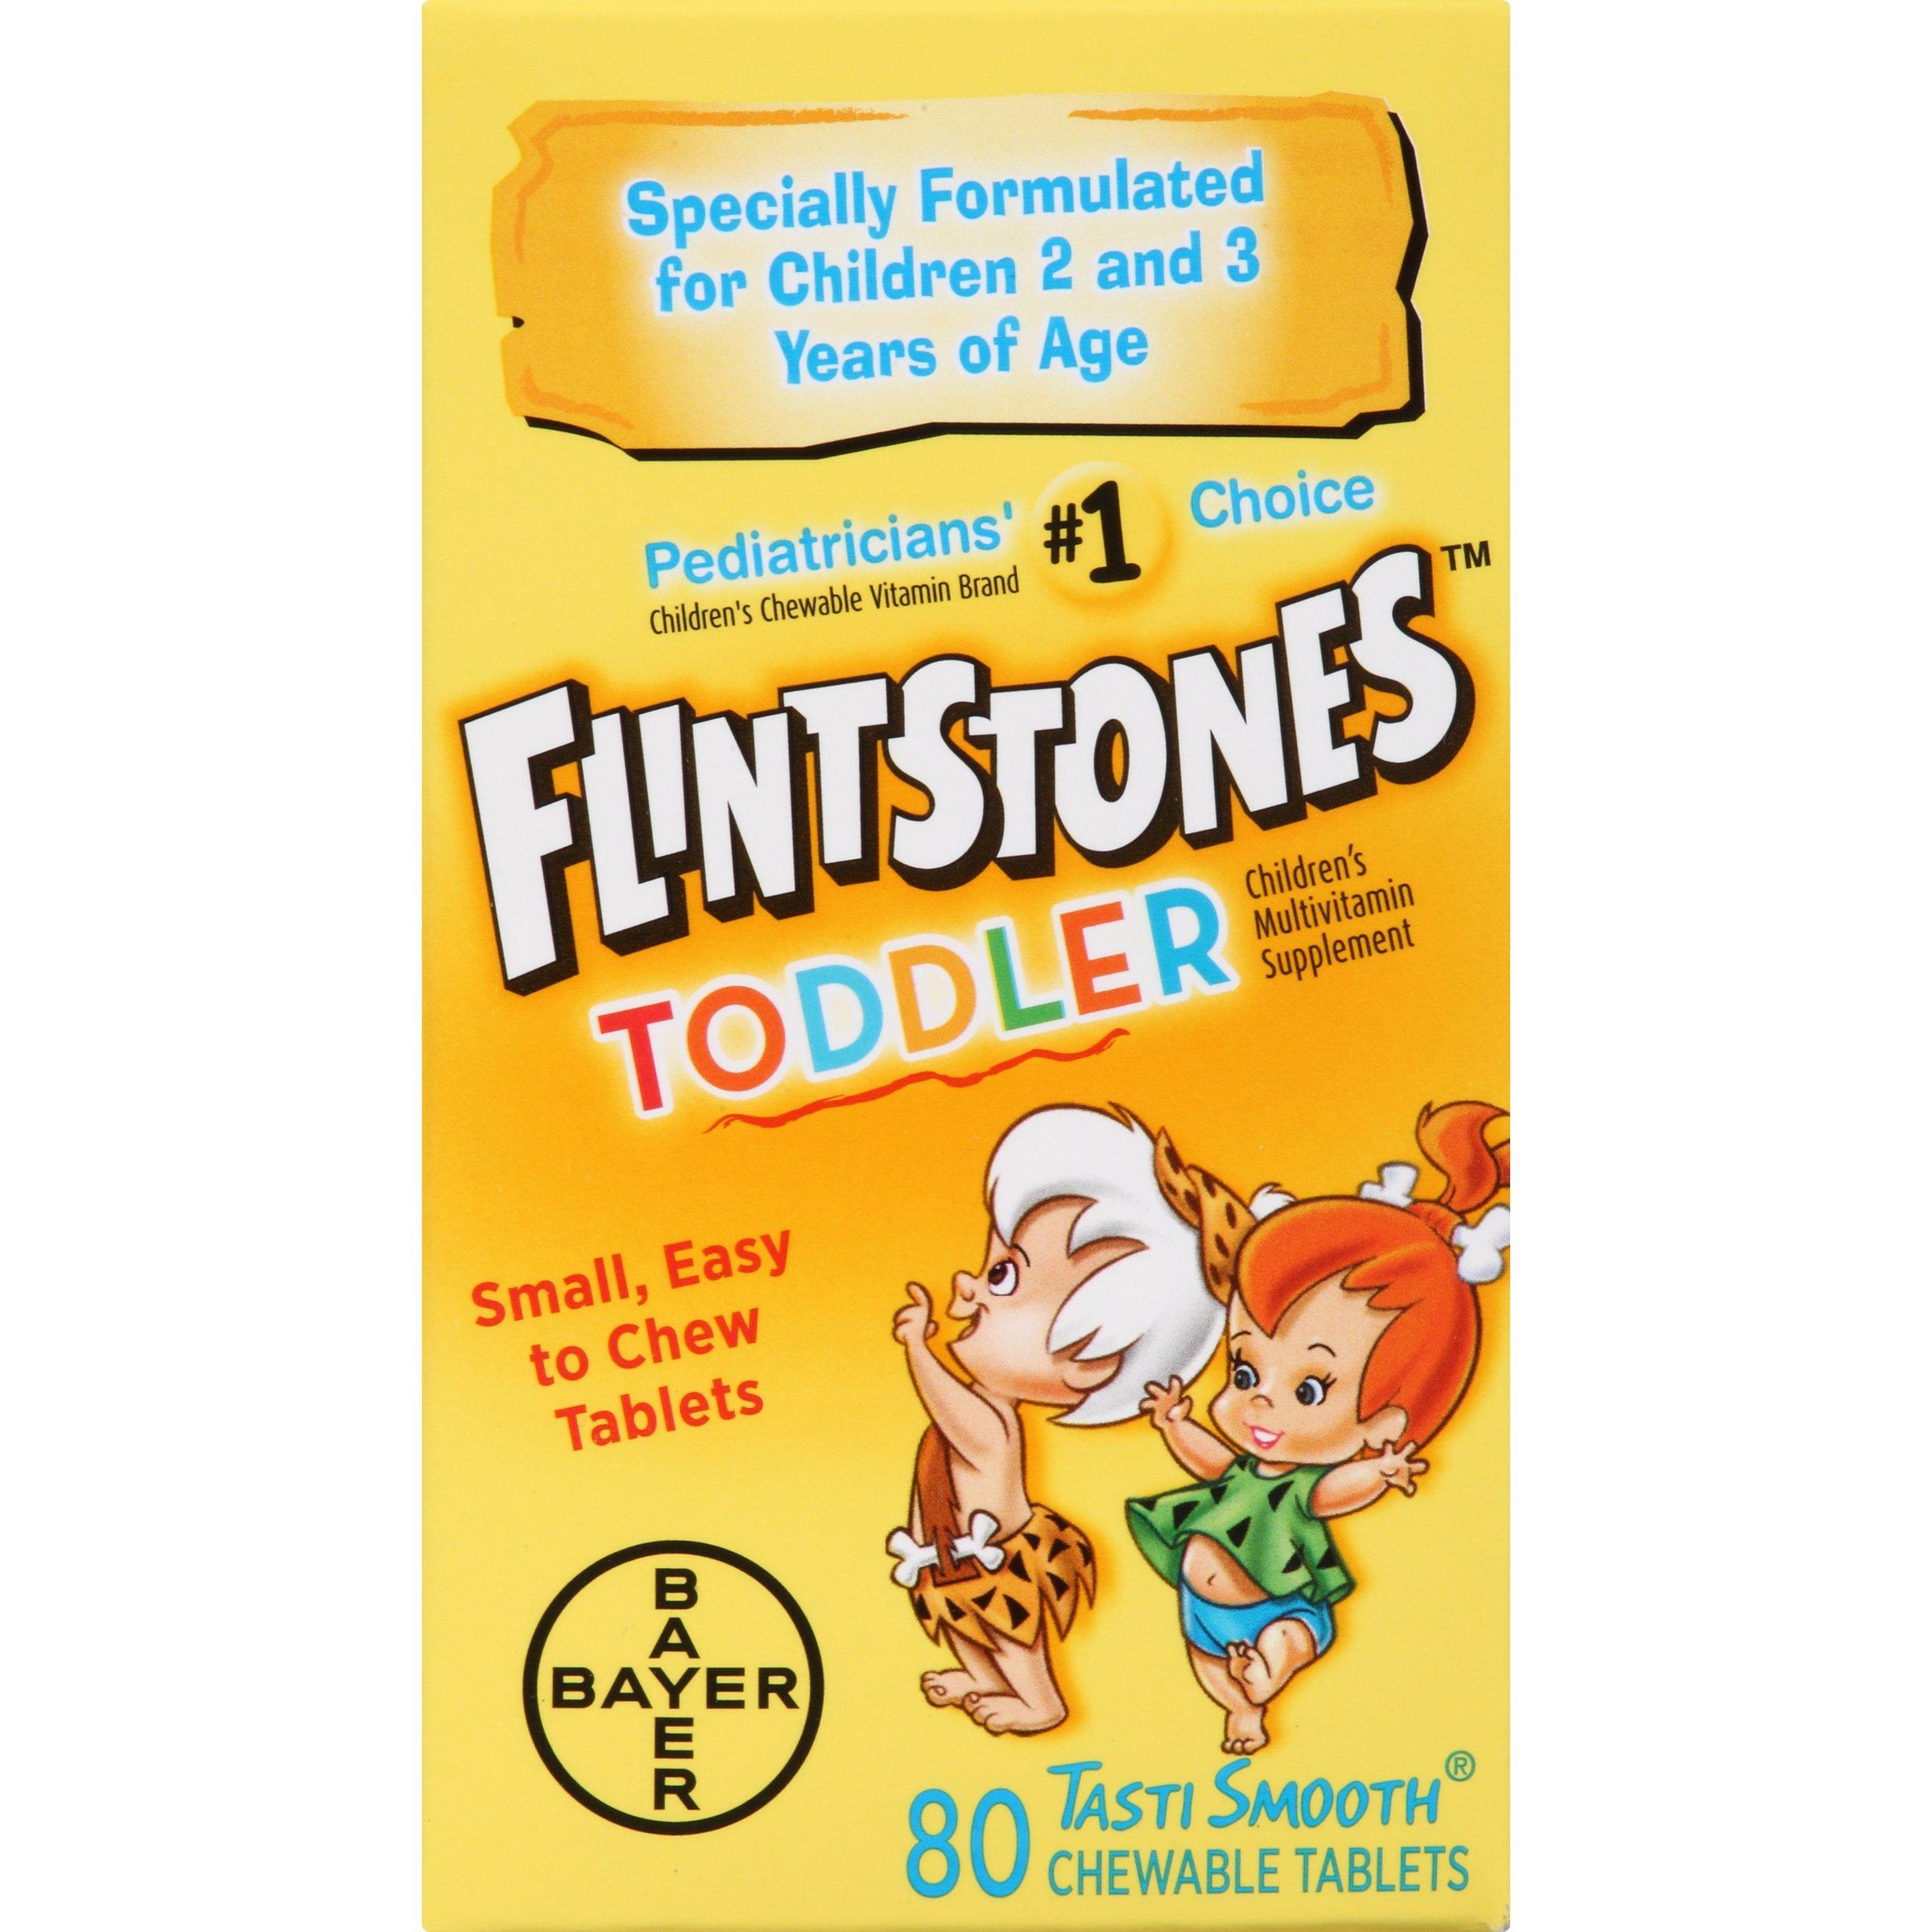 Flintstones Toddler